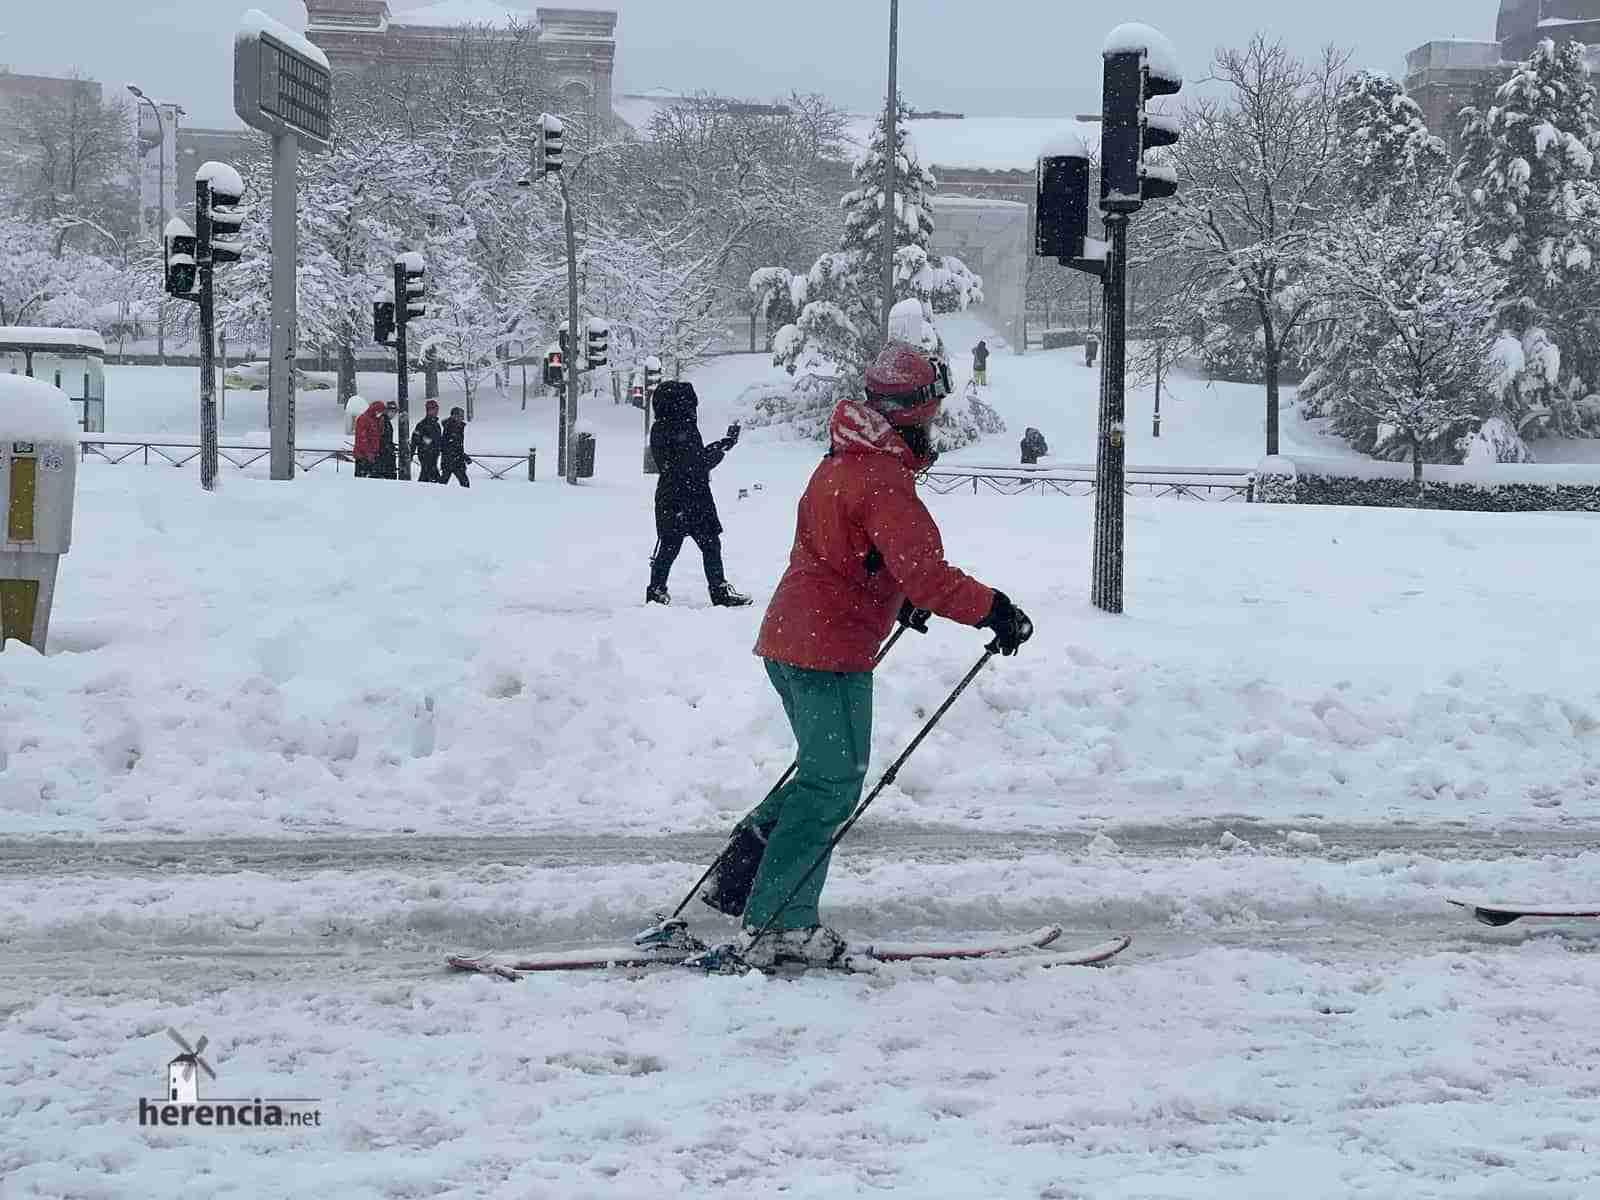 Fotografías de la nevada de enero en Madrid (España) 142